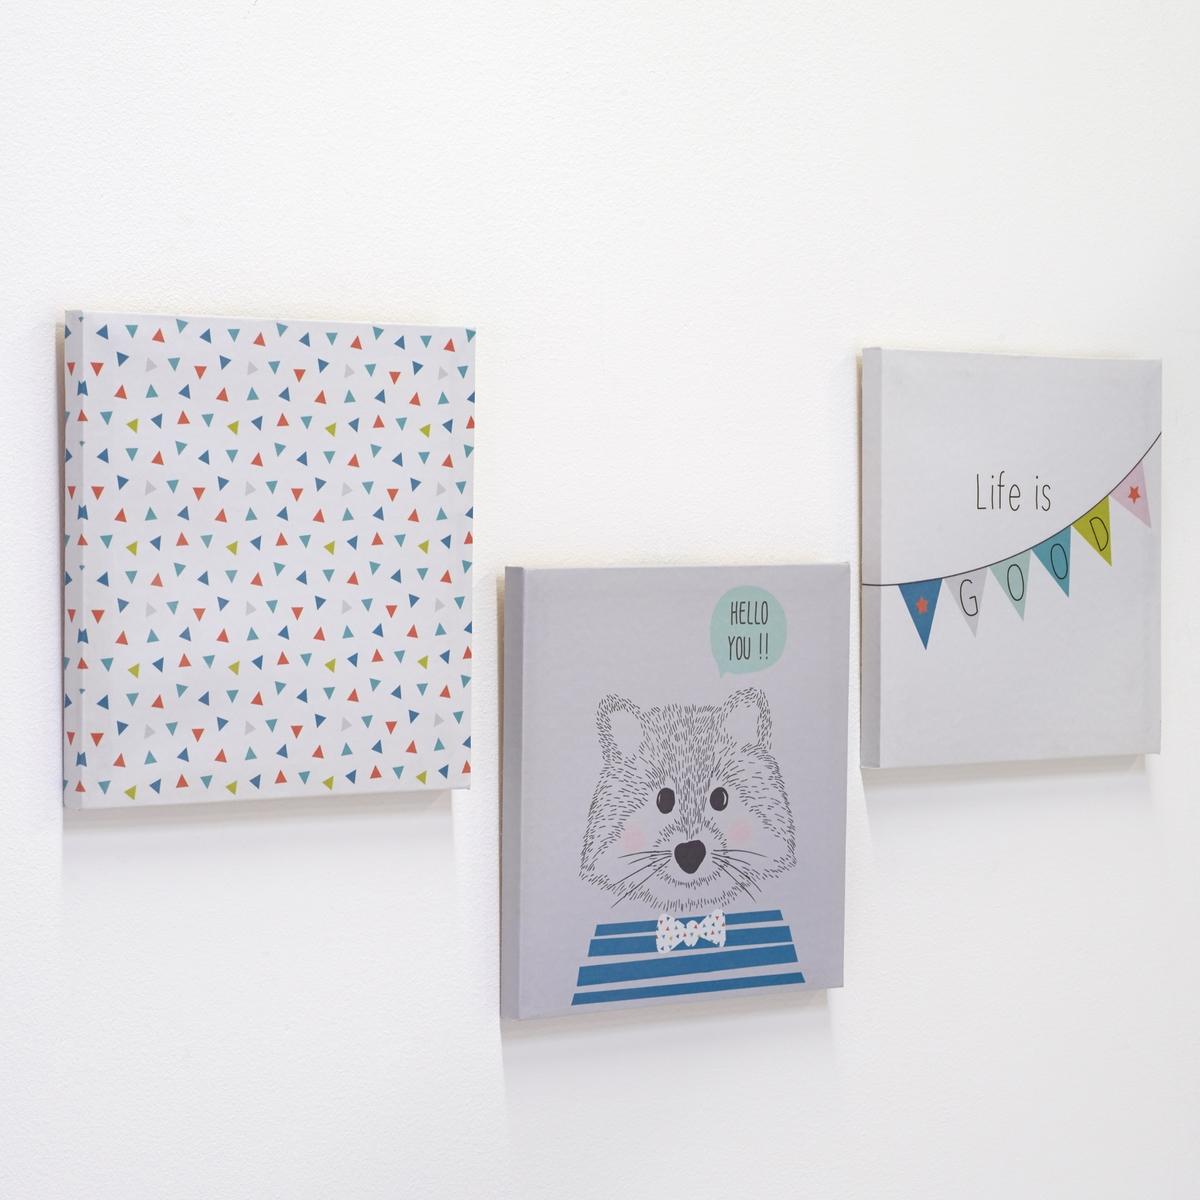 Комплект из 3 декоративных картин Kiyute от La Redoute